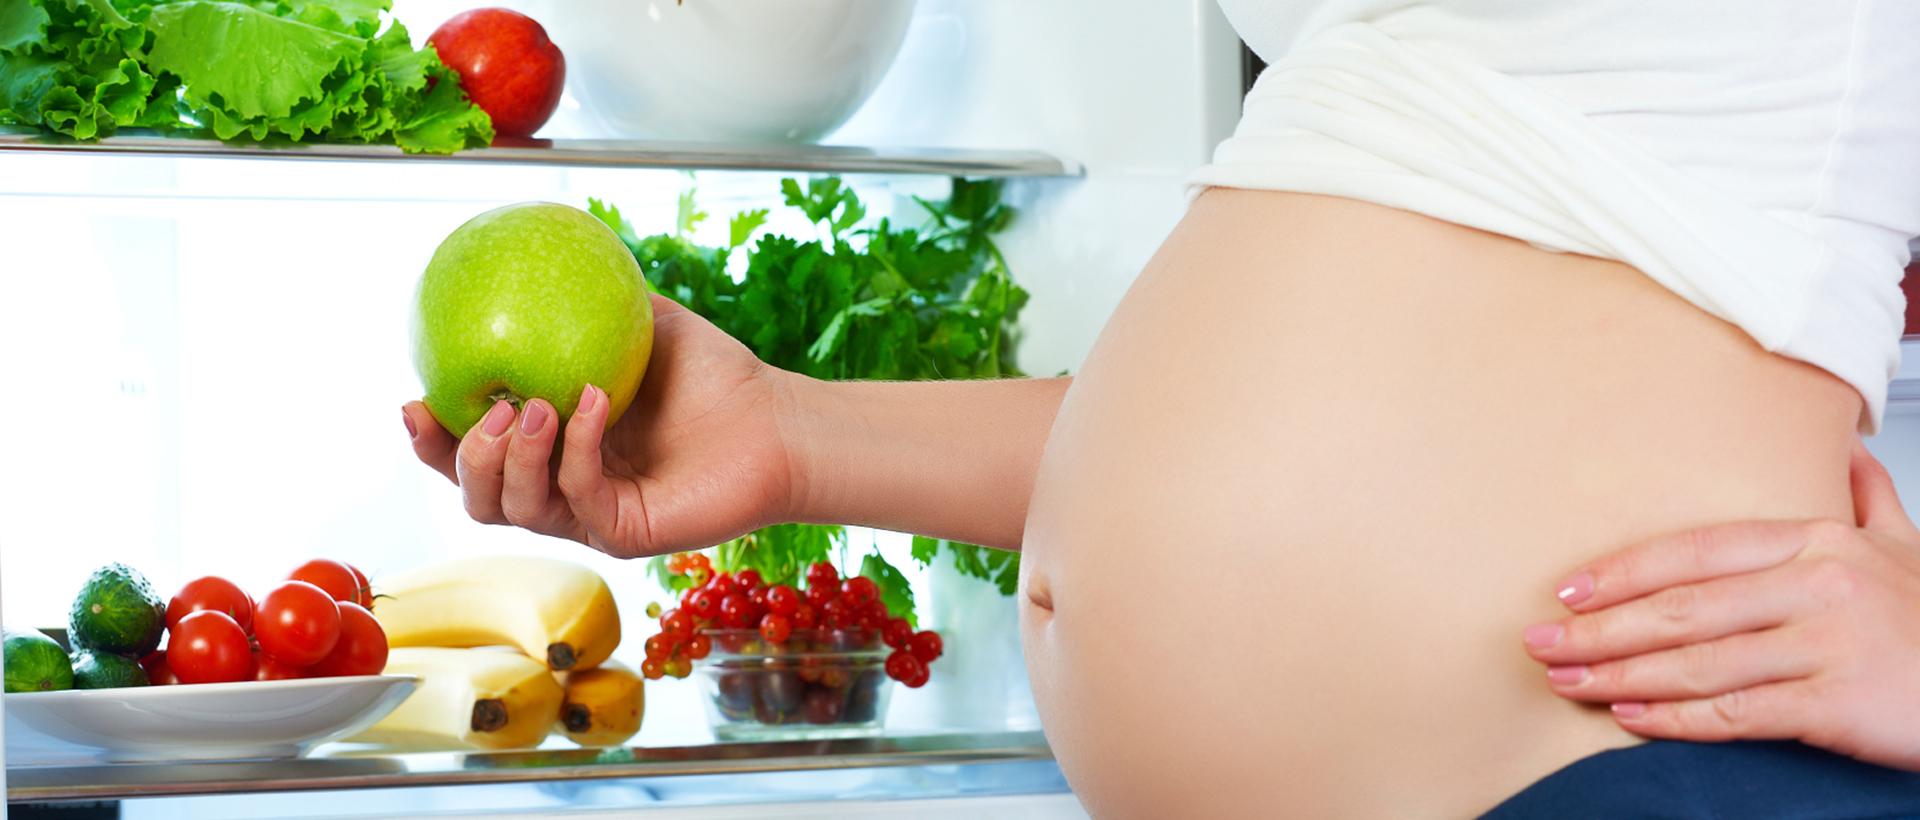 Προστατέψτε την υγεία την δική σας και του μωρού σας